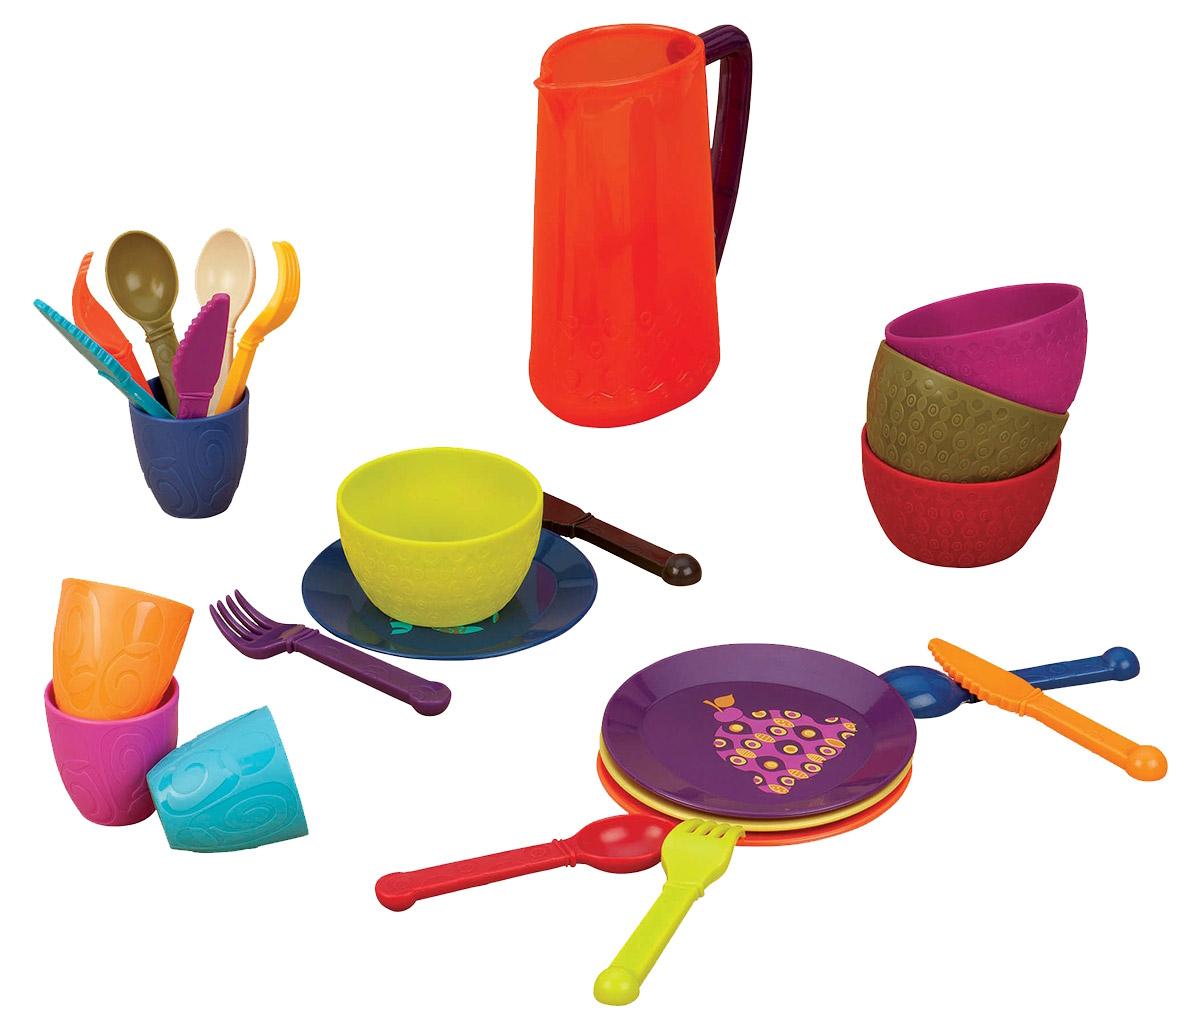 B.Dot Игрушечный набор посуды68693Игрушечный набор посуды B.Dot из 25 предметов для вкусных угощений! Полный красочный набор посуды для завтрака, обеда и ужина. А может просто для веселой вечеринки! Все элементы набора убраны в удобную сумочку для хранения и транспортировки. Посуда будет прекрасно смотреться на кукольной кухне и будет незаменима во время приготовления еды для кукол. Все элементы набора выполнены из качественных и безопасных материалов. Набор развивает фантазию, расширяет кругозор ребенка и помогает развить хозяйственные навыки.